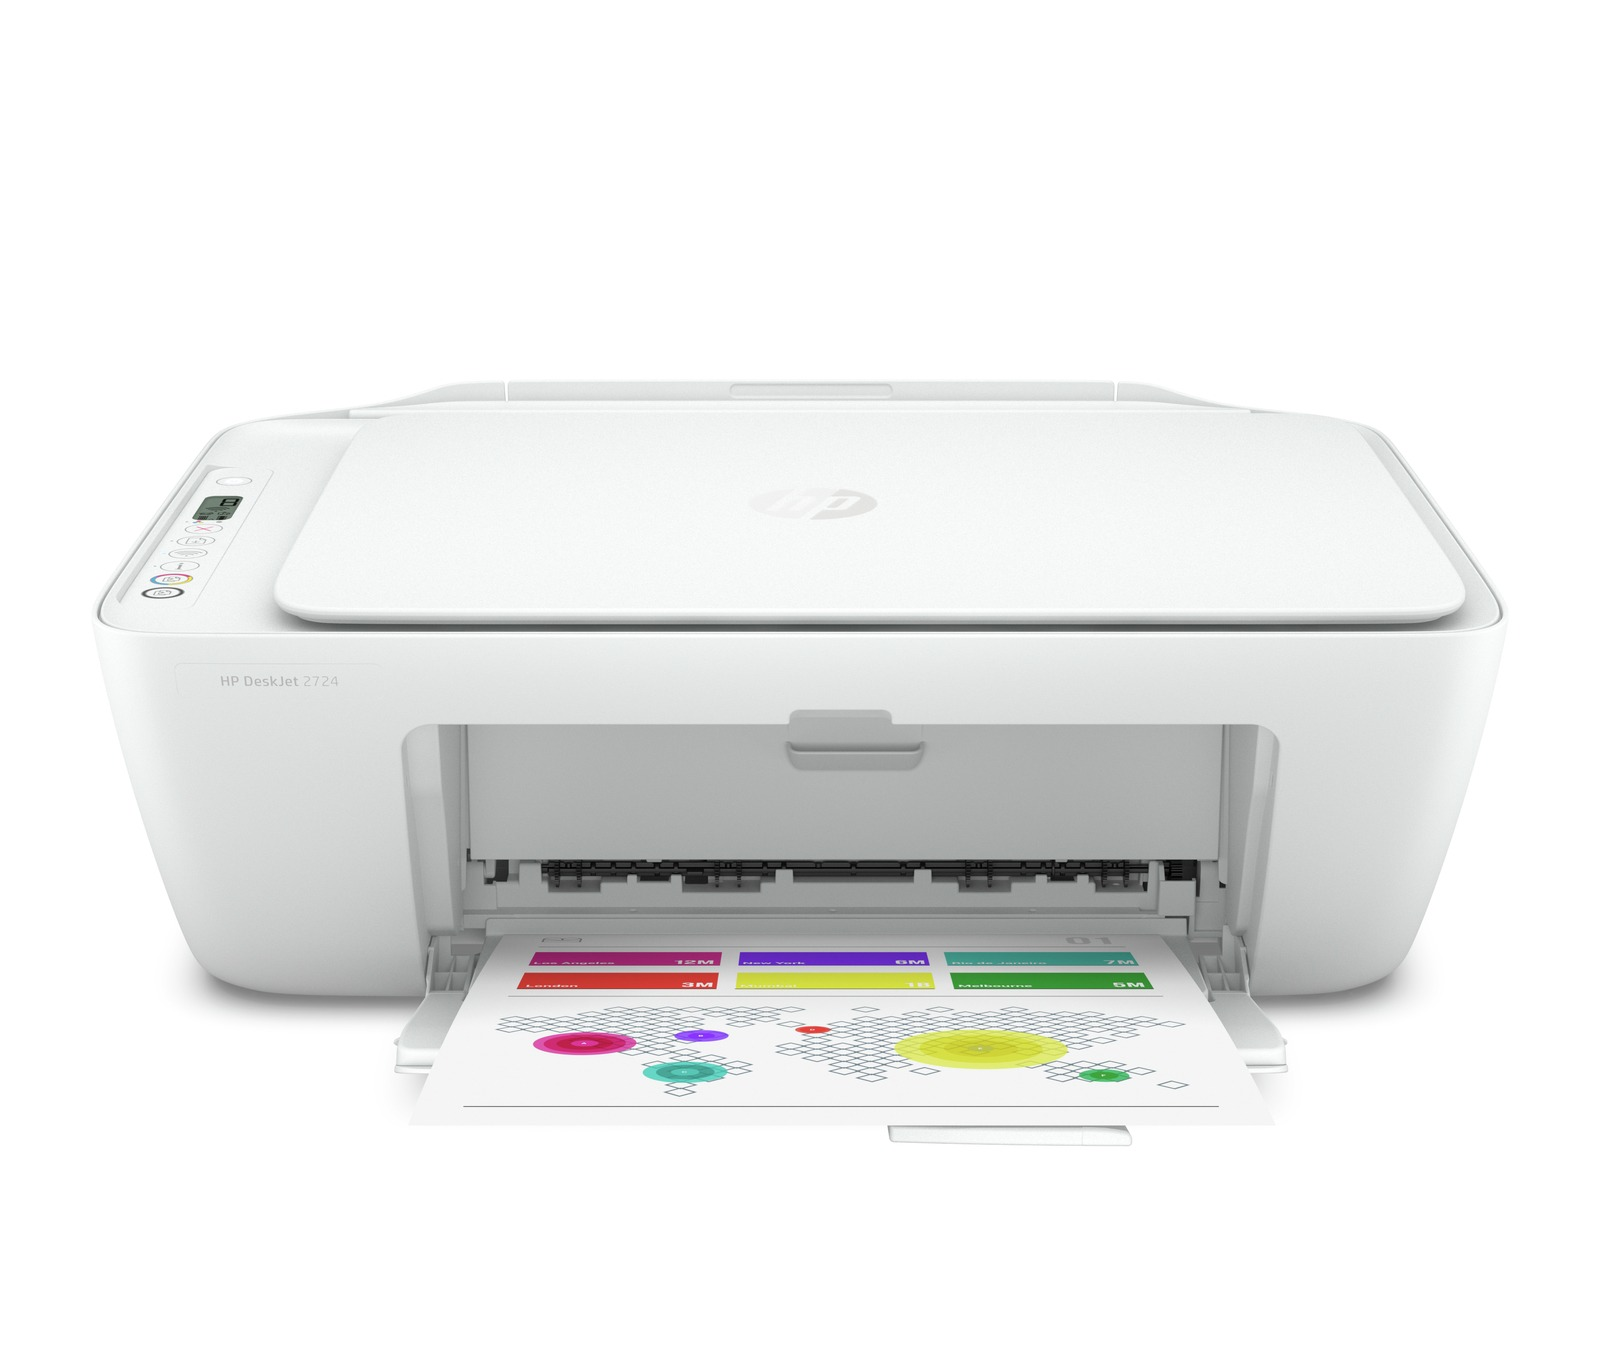 Foto HP all-in-one inkjet printer DeskJet 2724